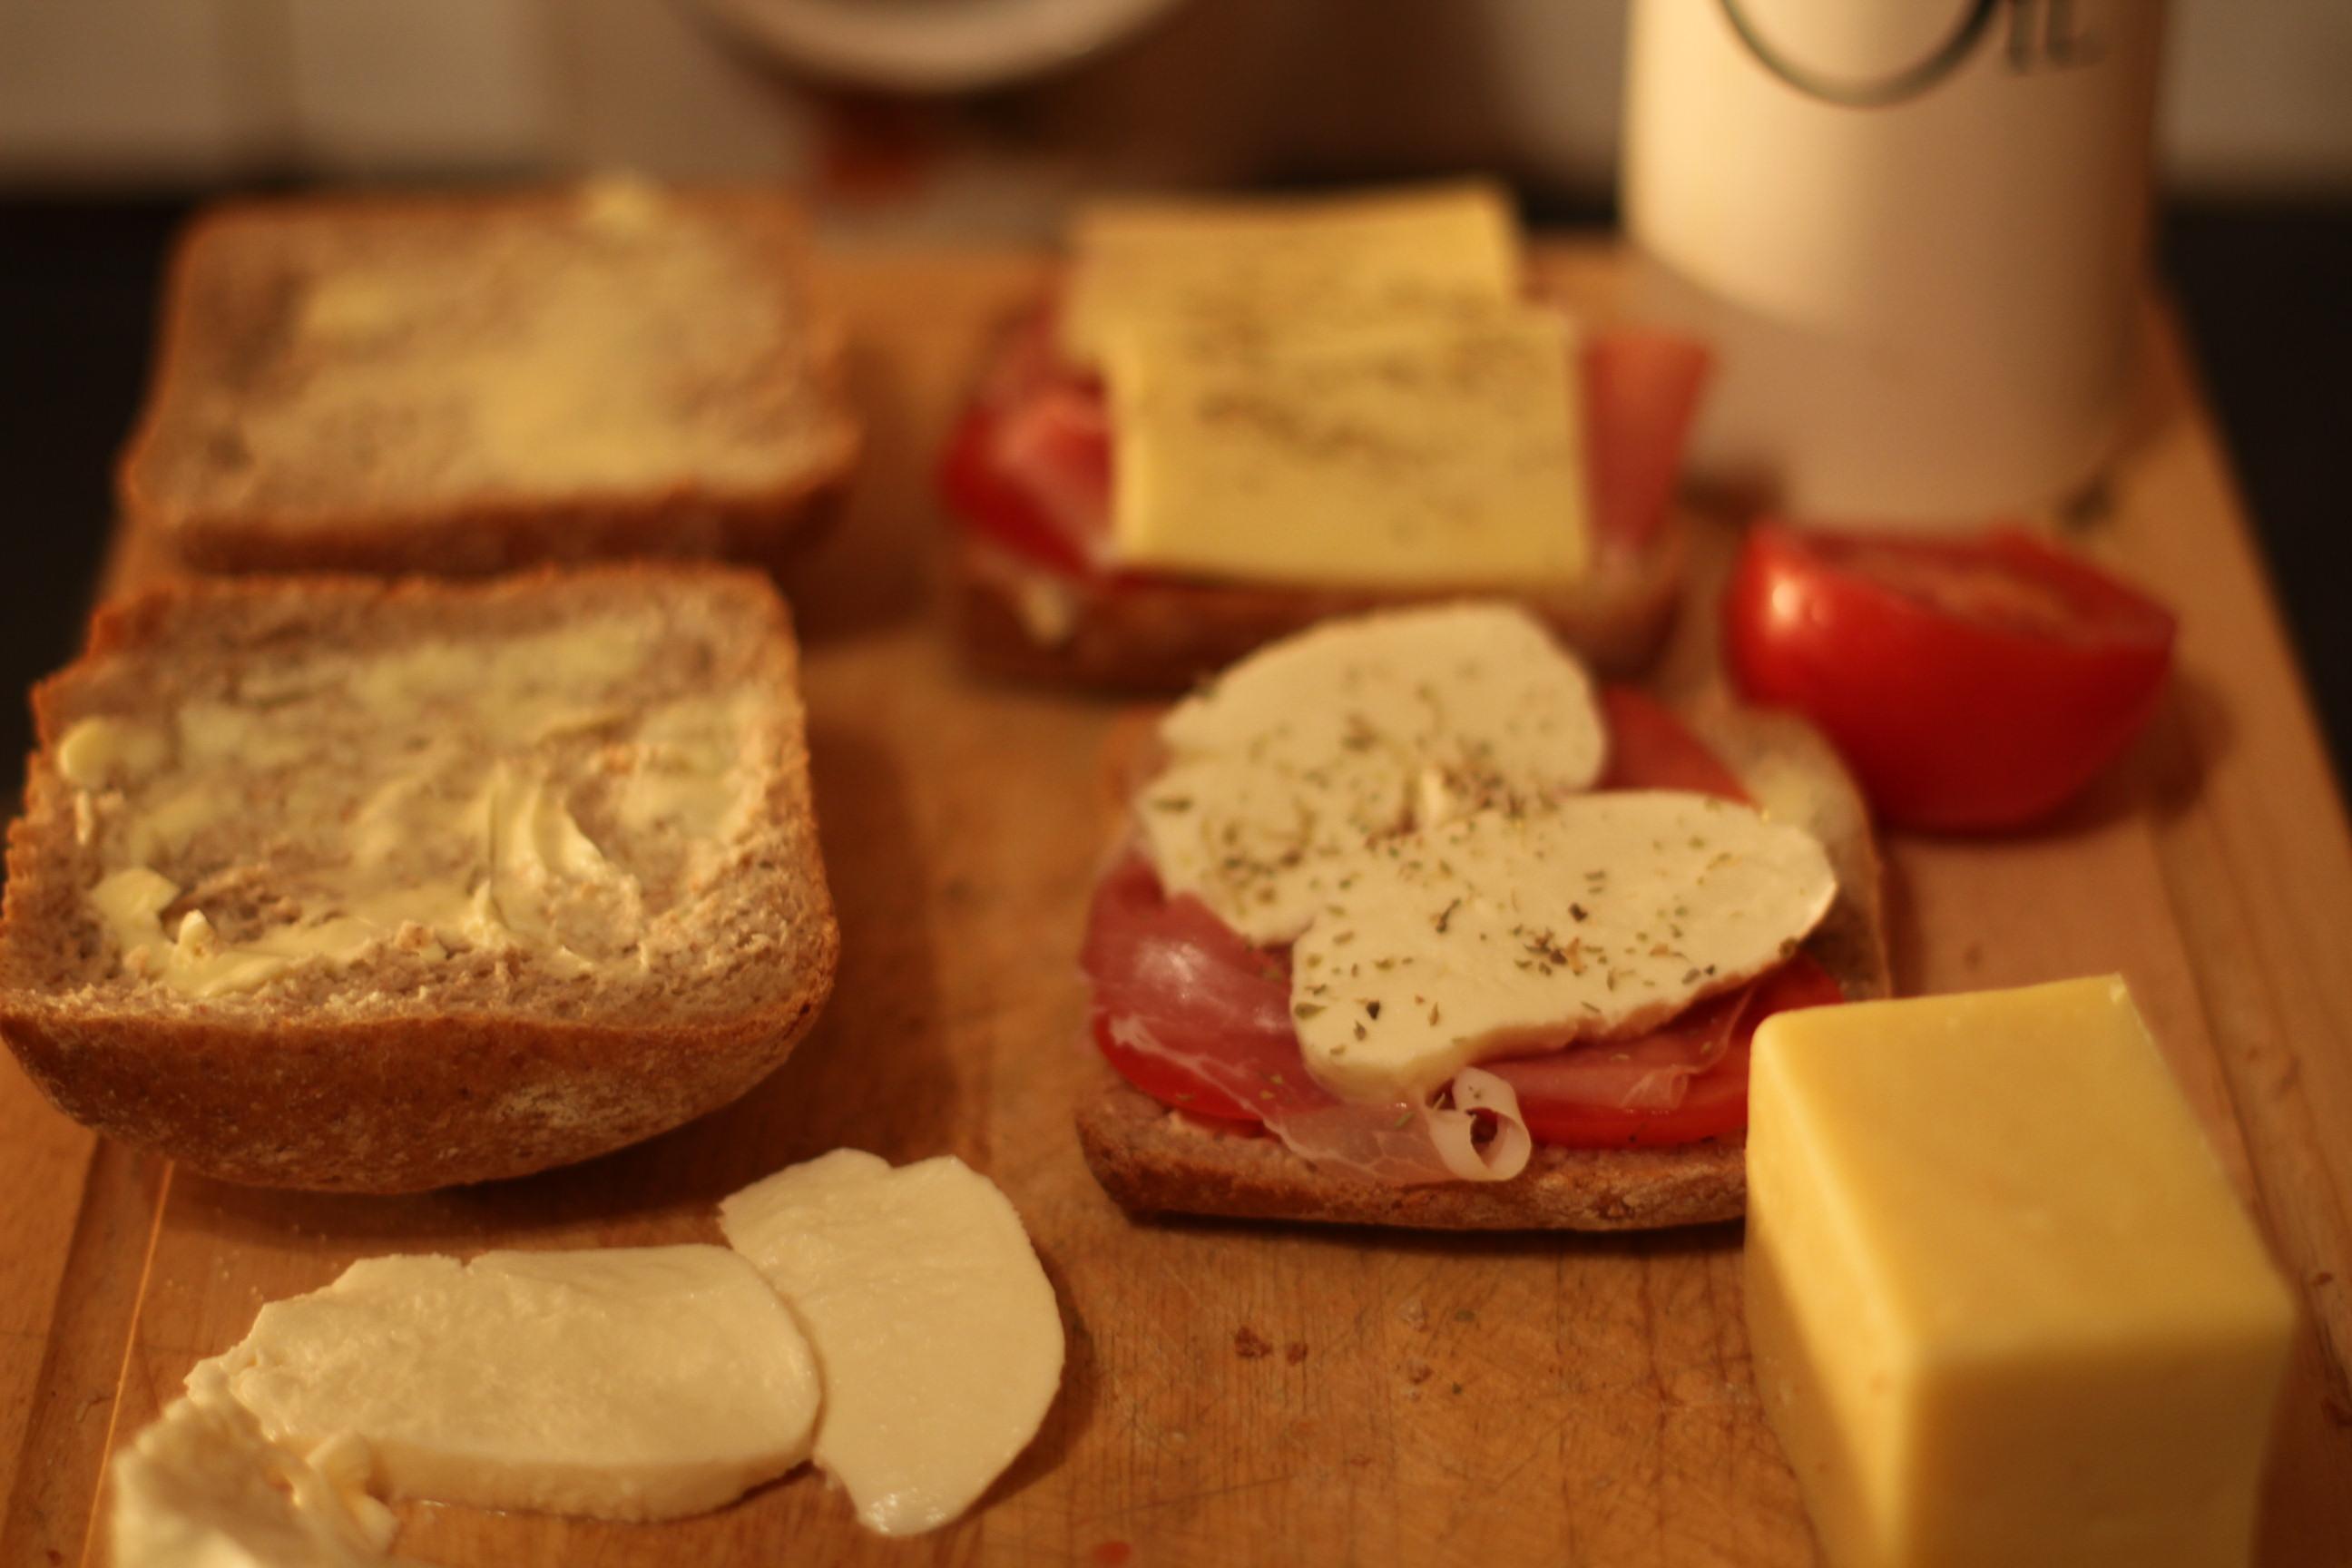 kanapka na ciepło